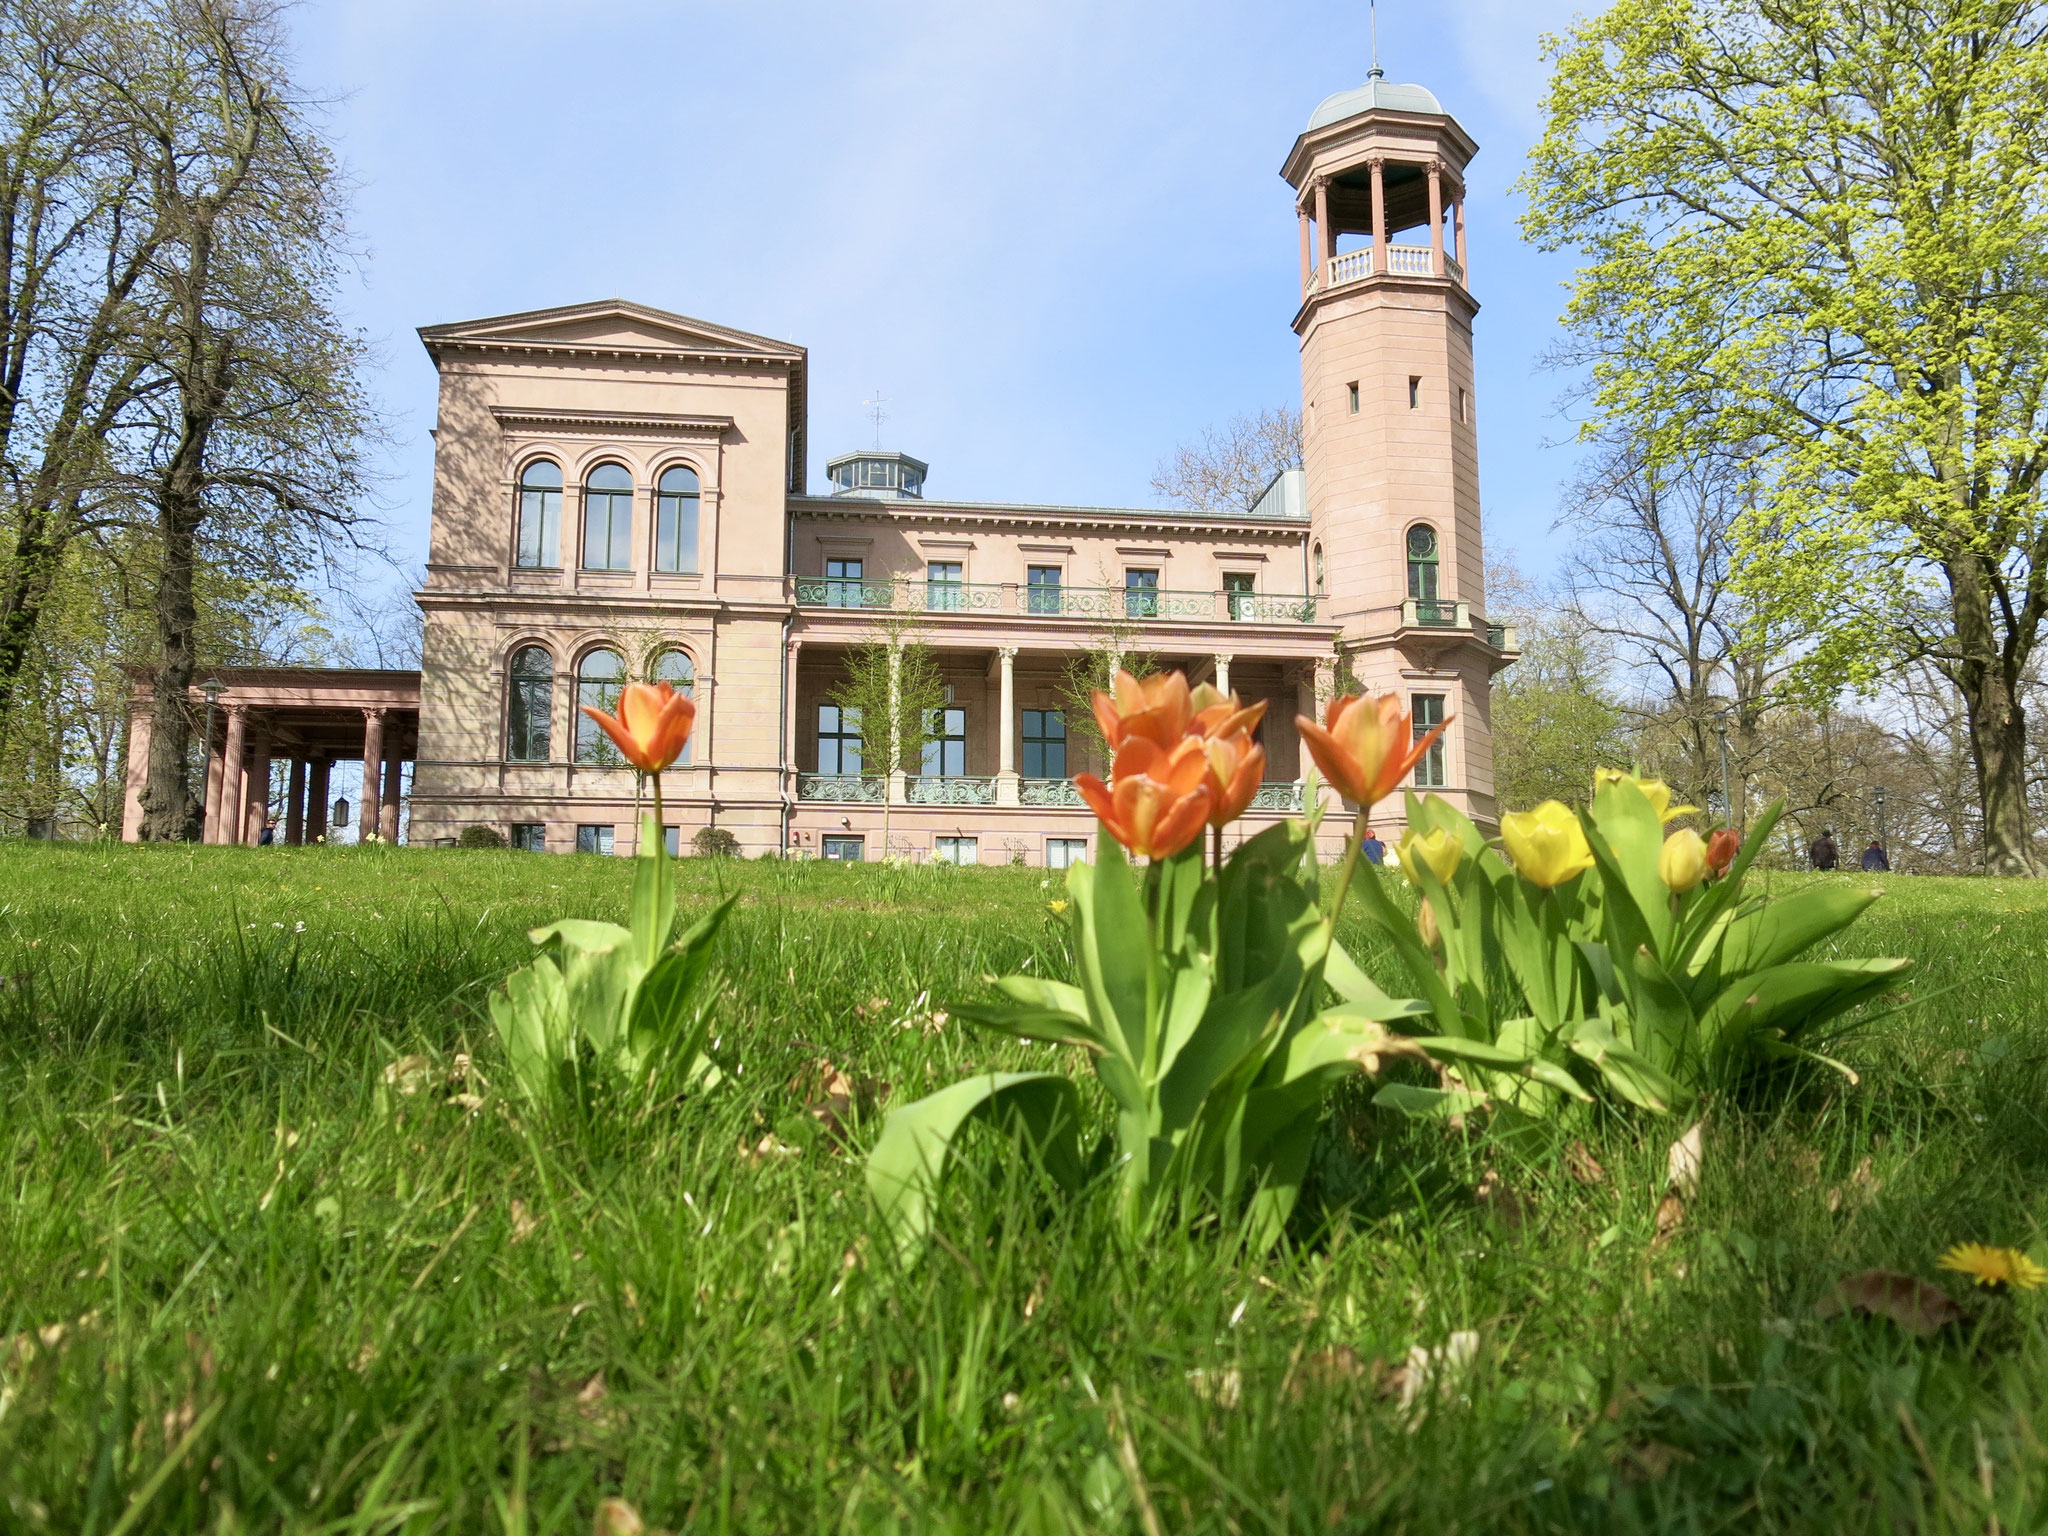 Tipp 4: Schlosspark Biesdorf mit der spätklassizistischen Turmvilla